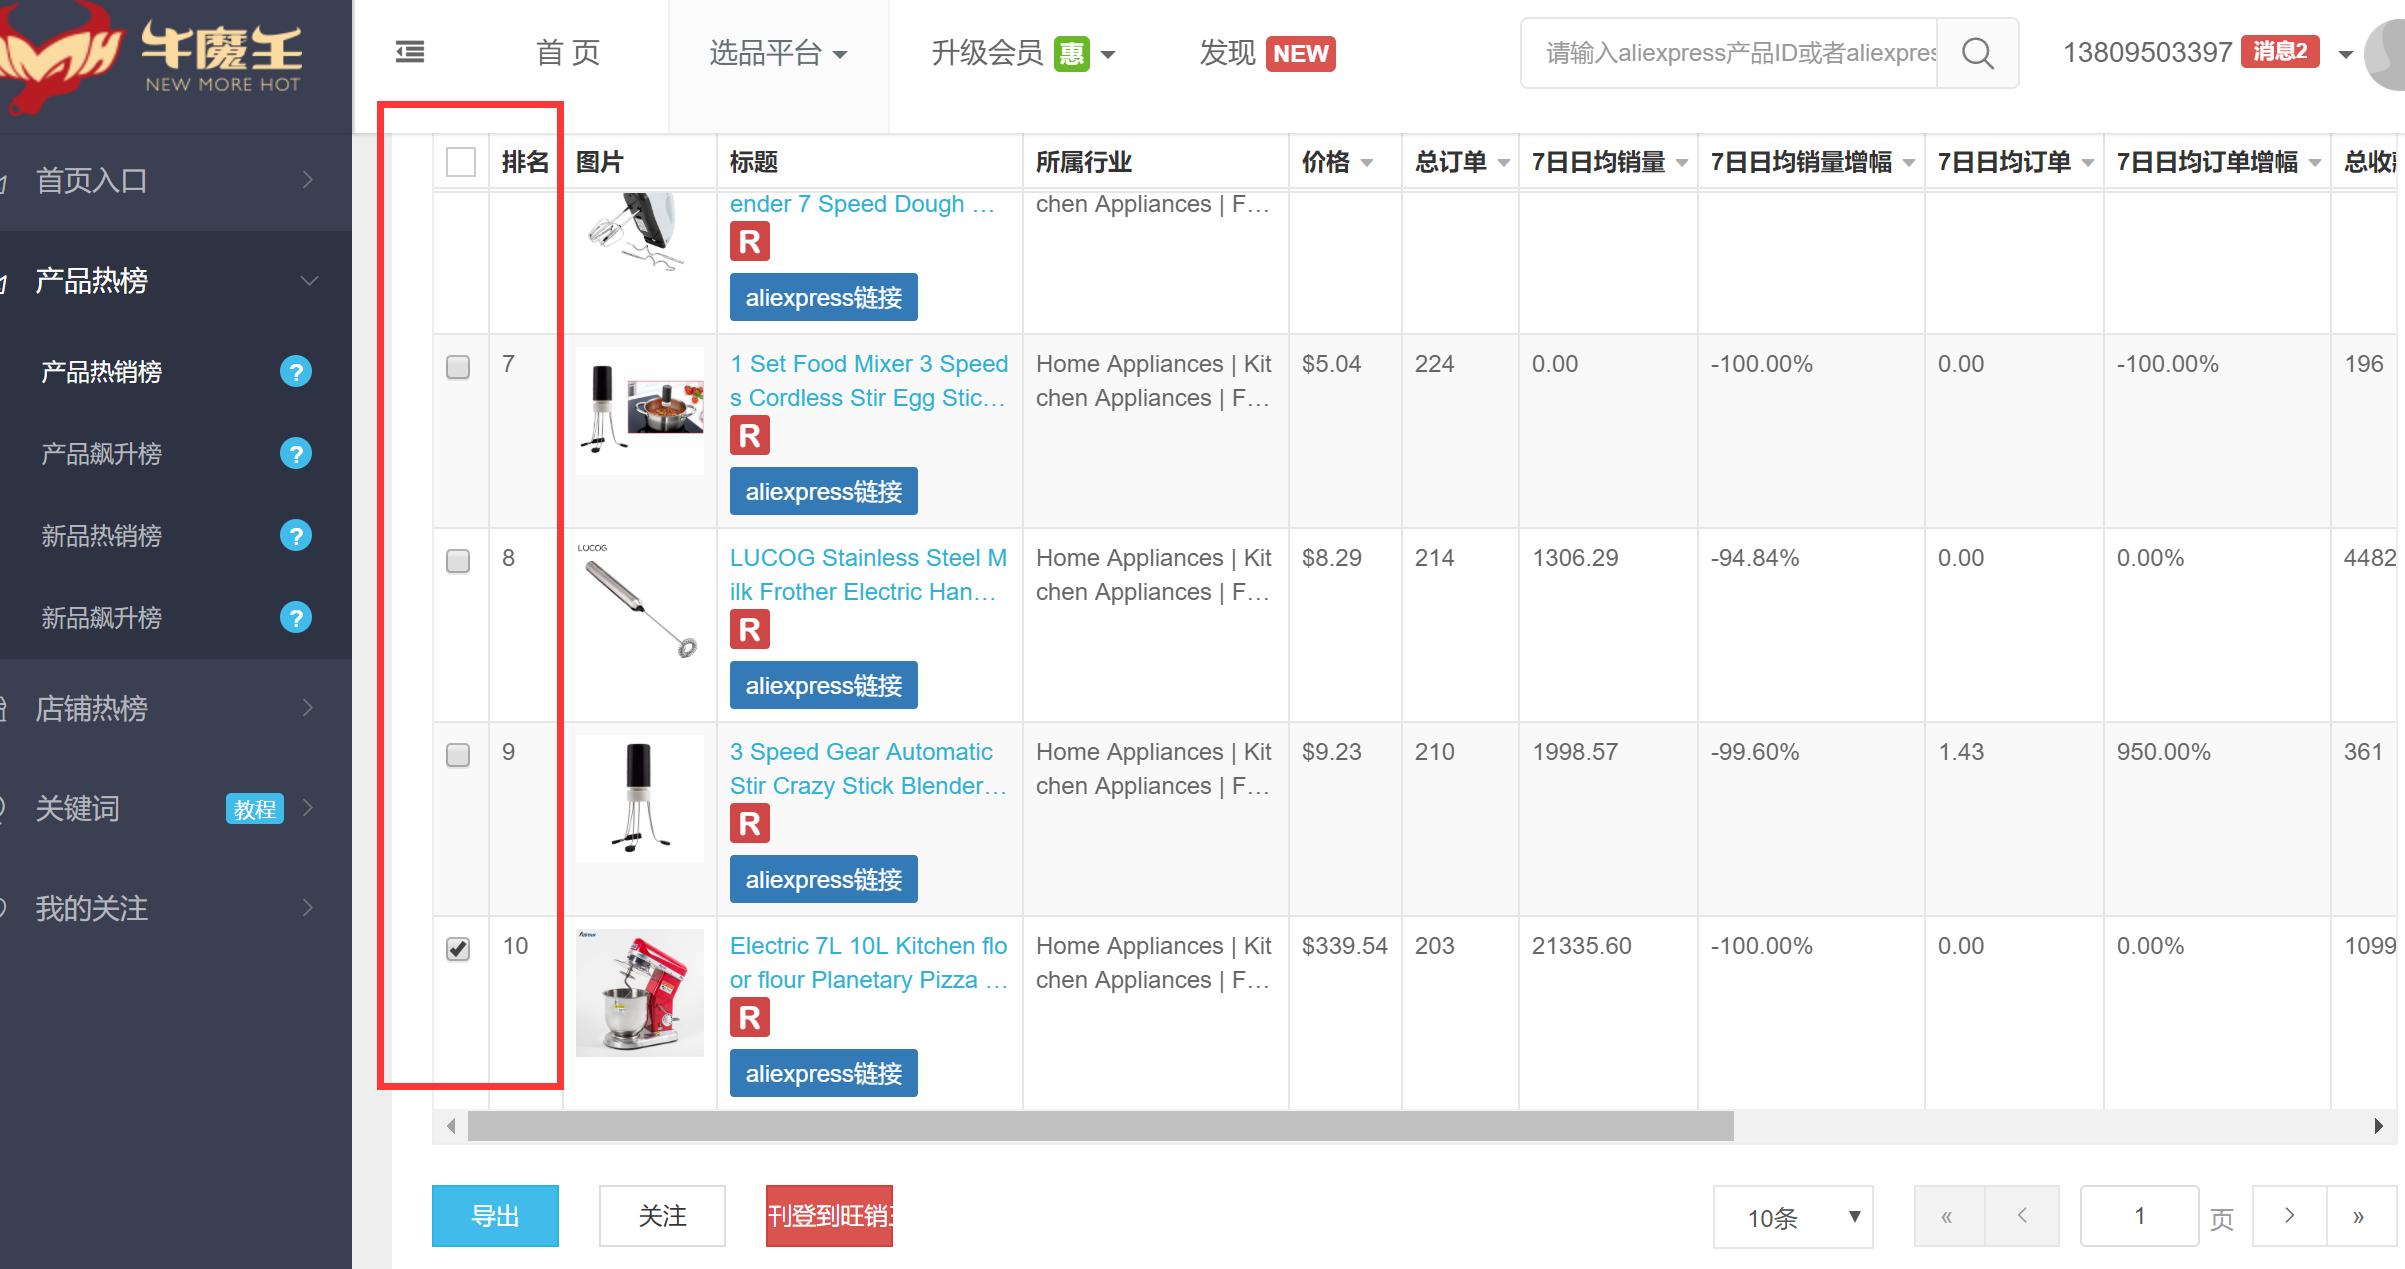 牛魔王用户如何查看产品开发?